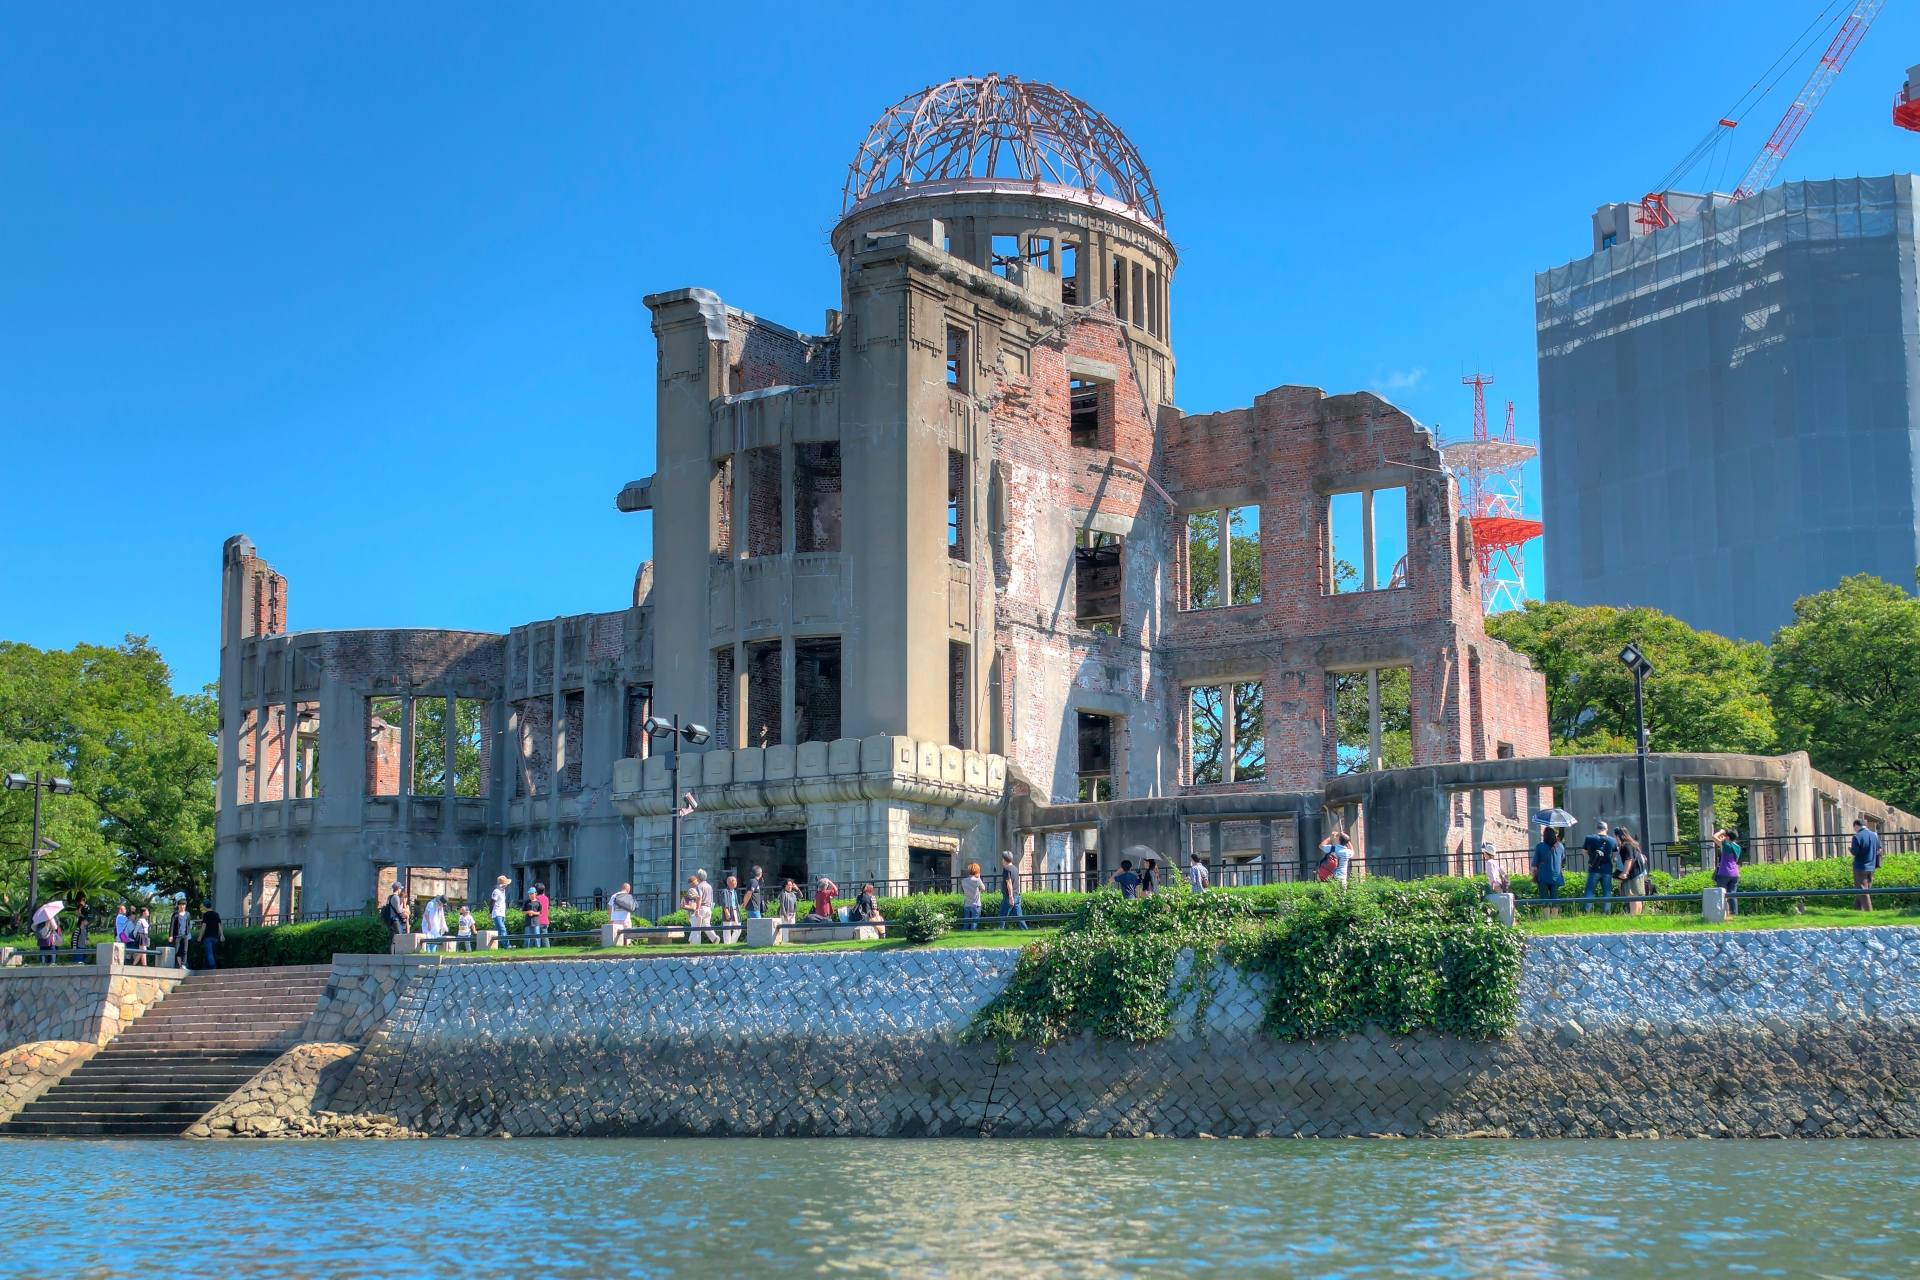 原爆ドームの歴史や世界遺産登録への経緯と資料館の料金・営業時間・アクセスについて